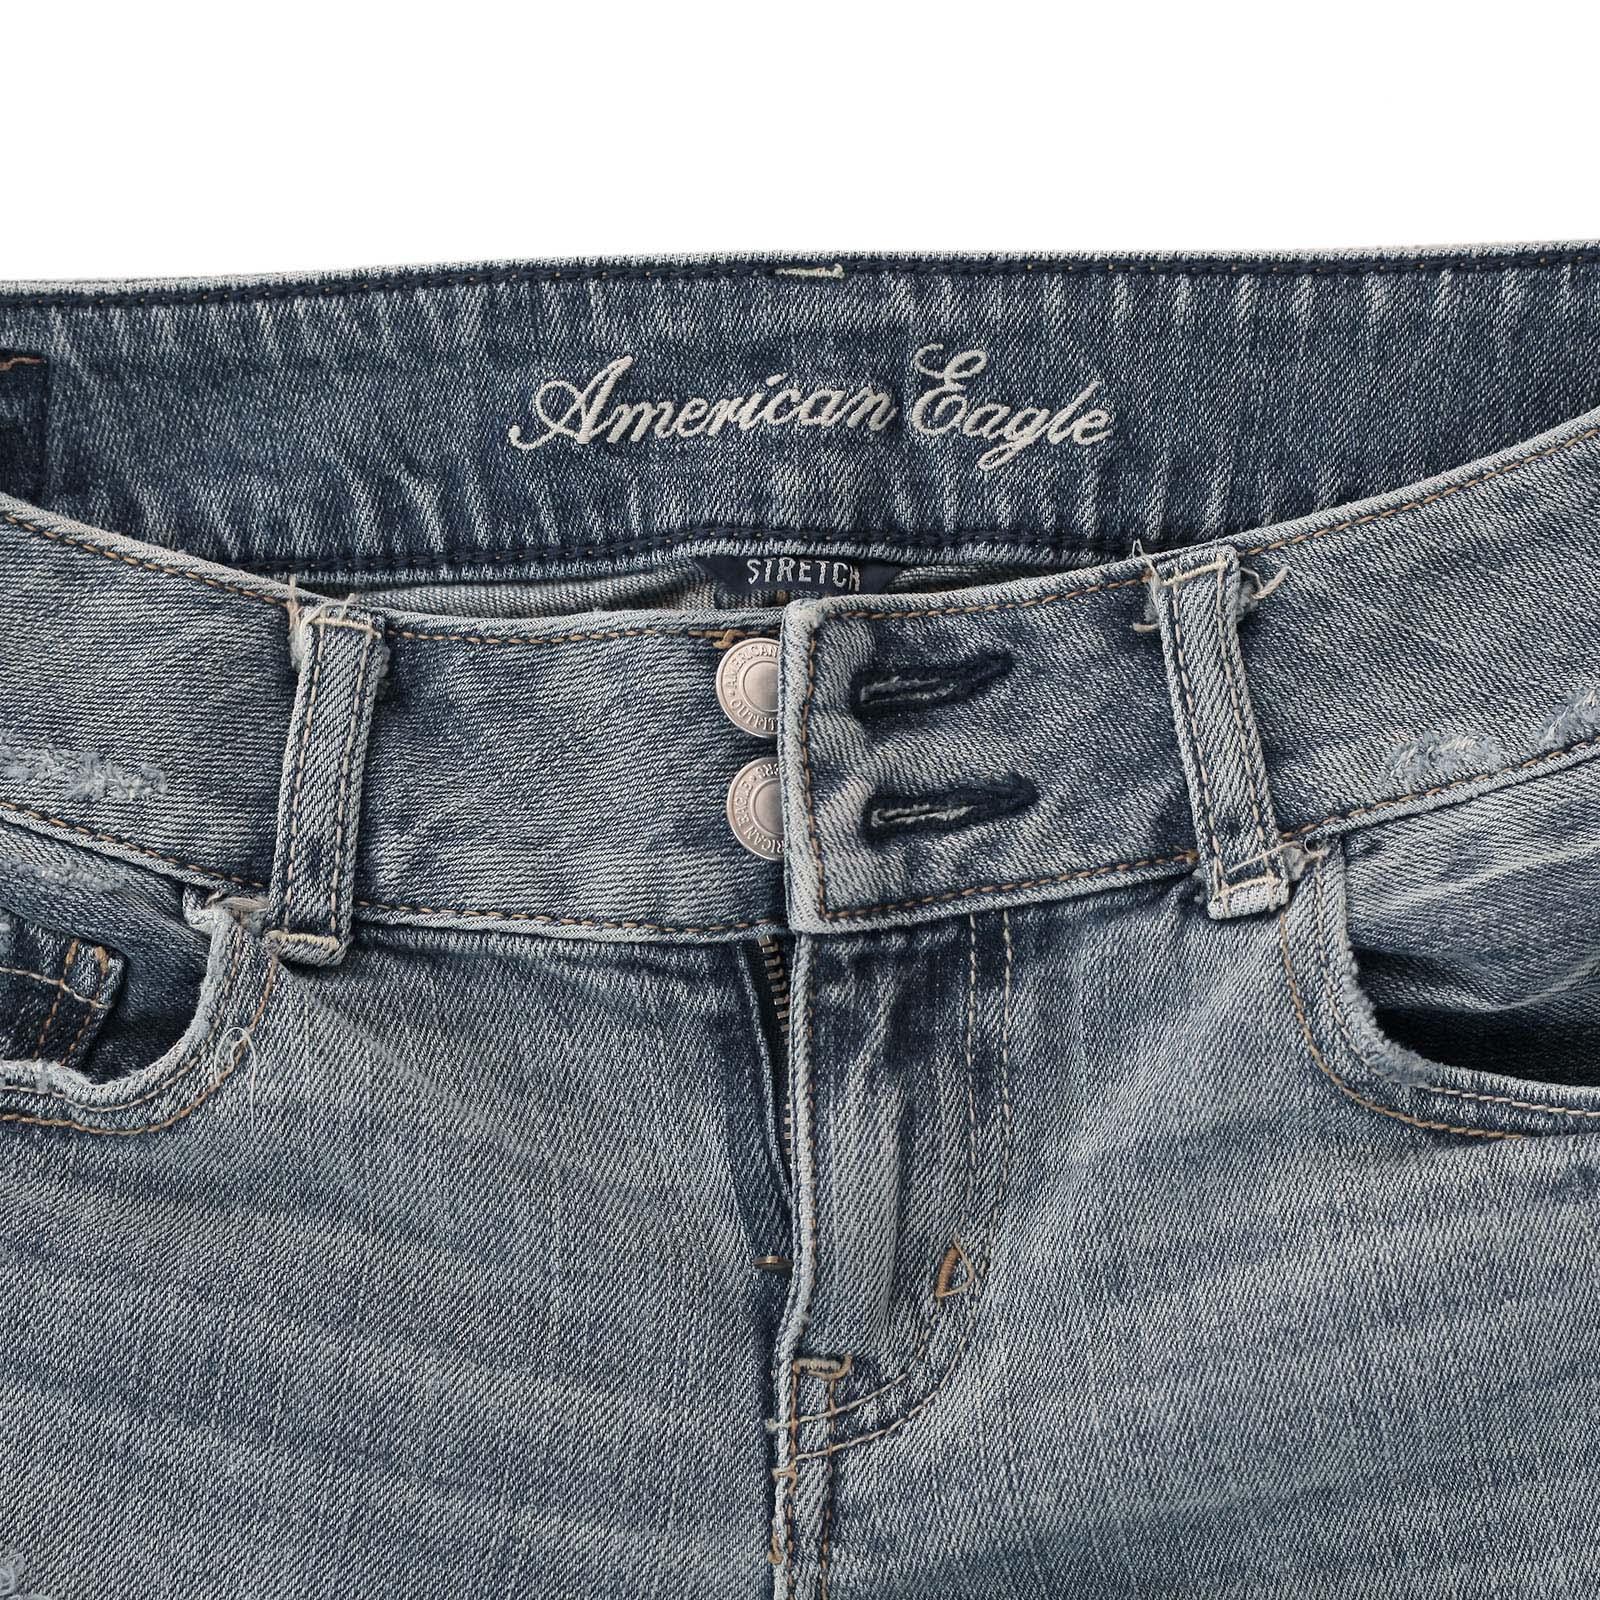 Джинсовые шорты от American Eagle должны быть у каждой модницы брендового качества